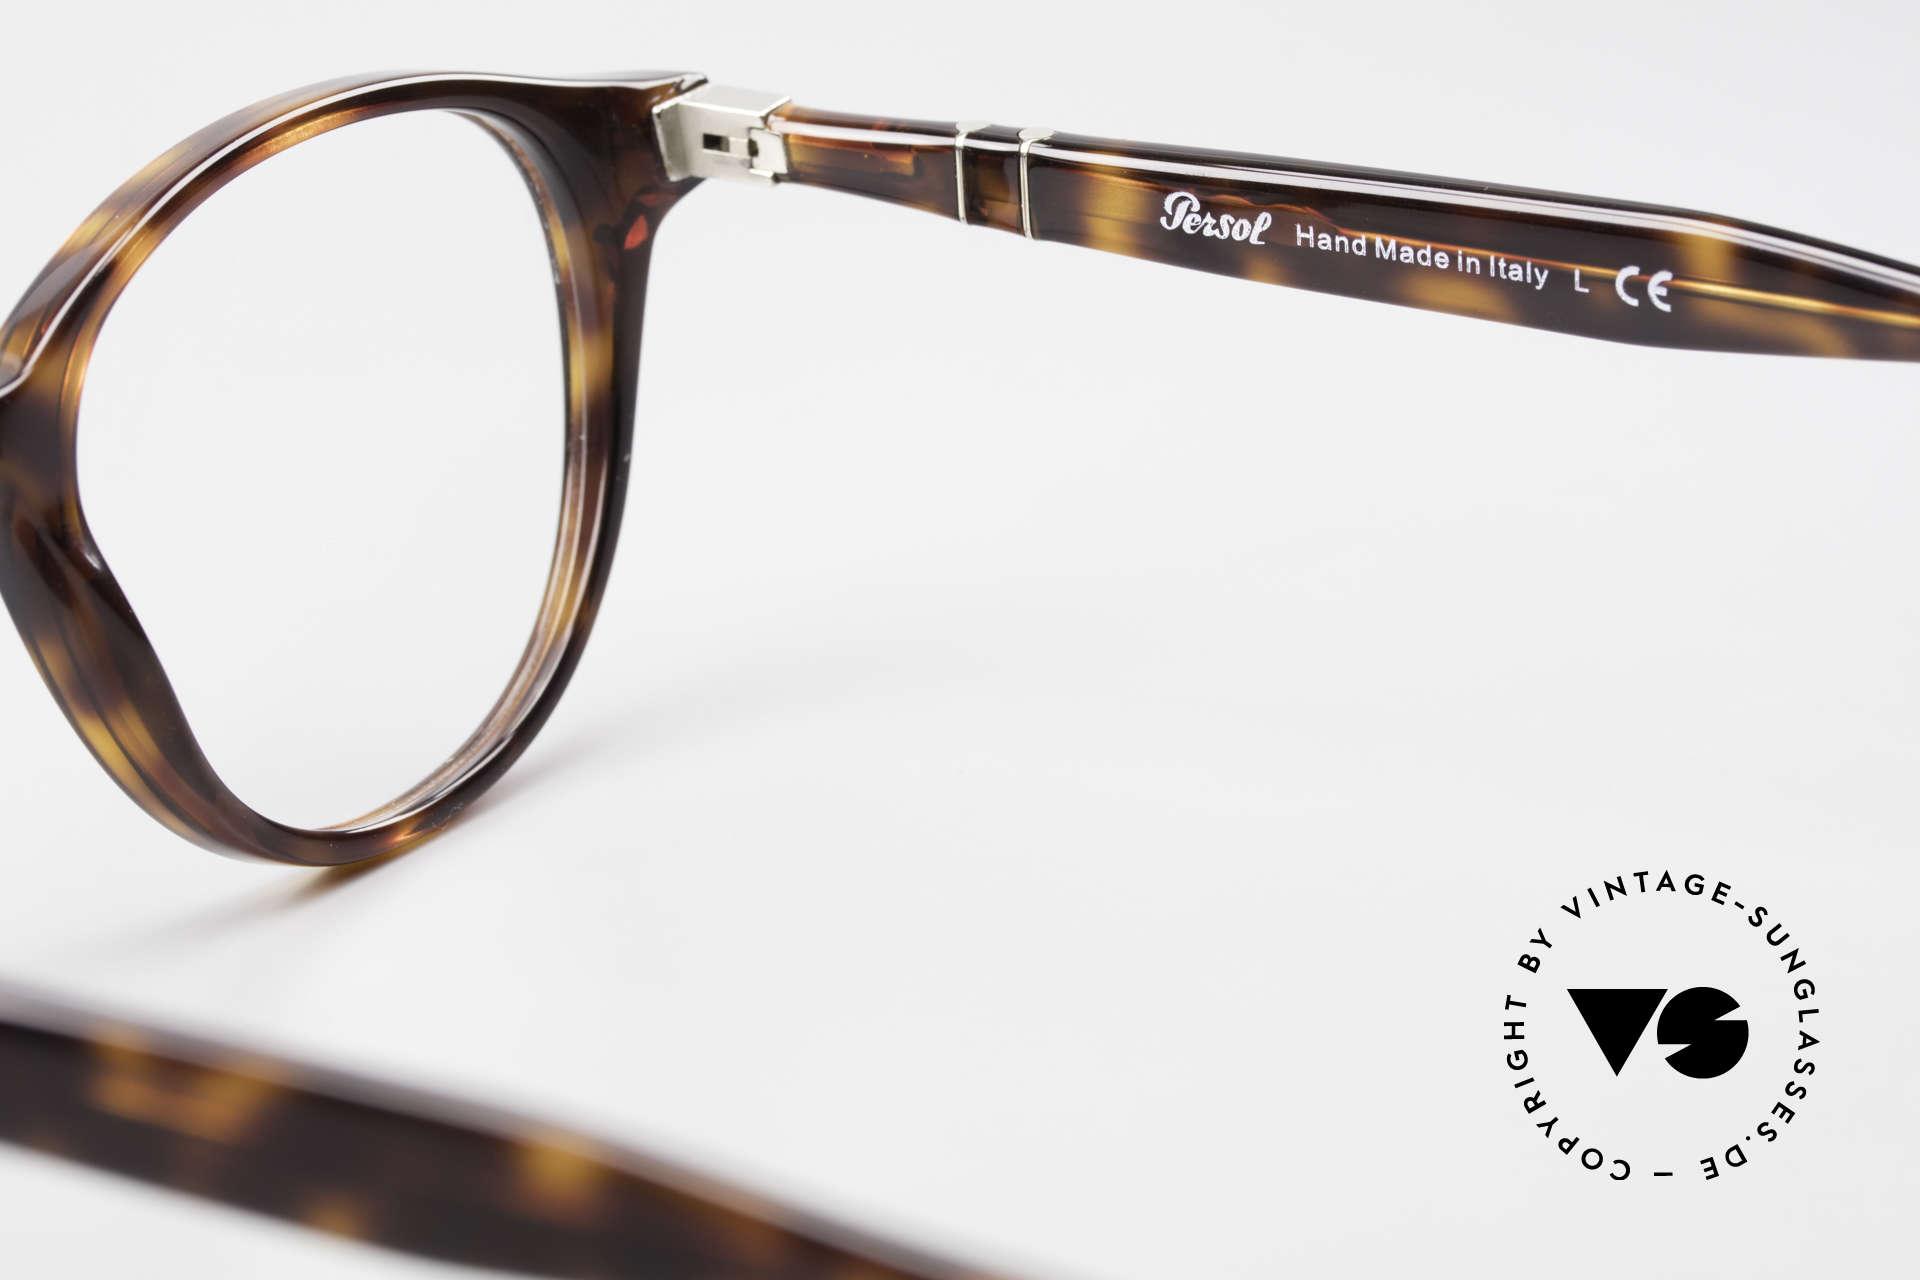 Persol 3153 Zeitlose Panto Unisex Brille, original Name: 3153-V, col. 24 in Größe 50-20, 145, Passend für Herren und Damen